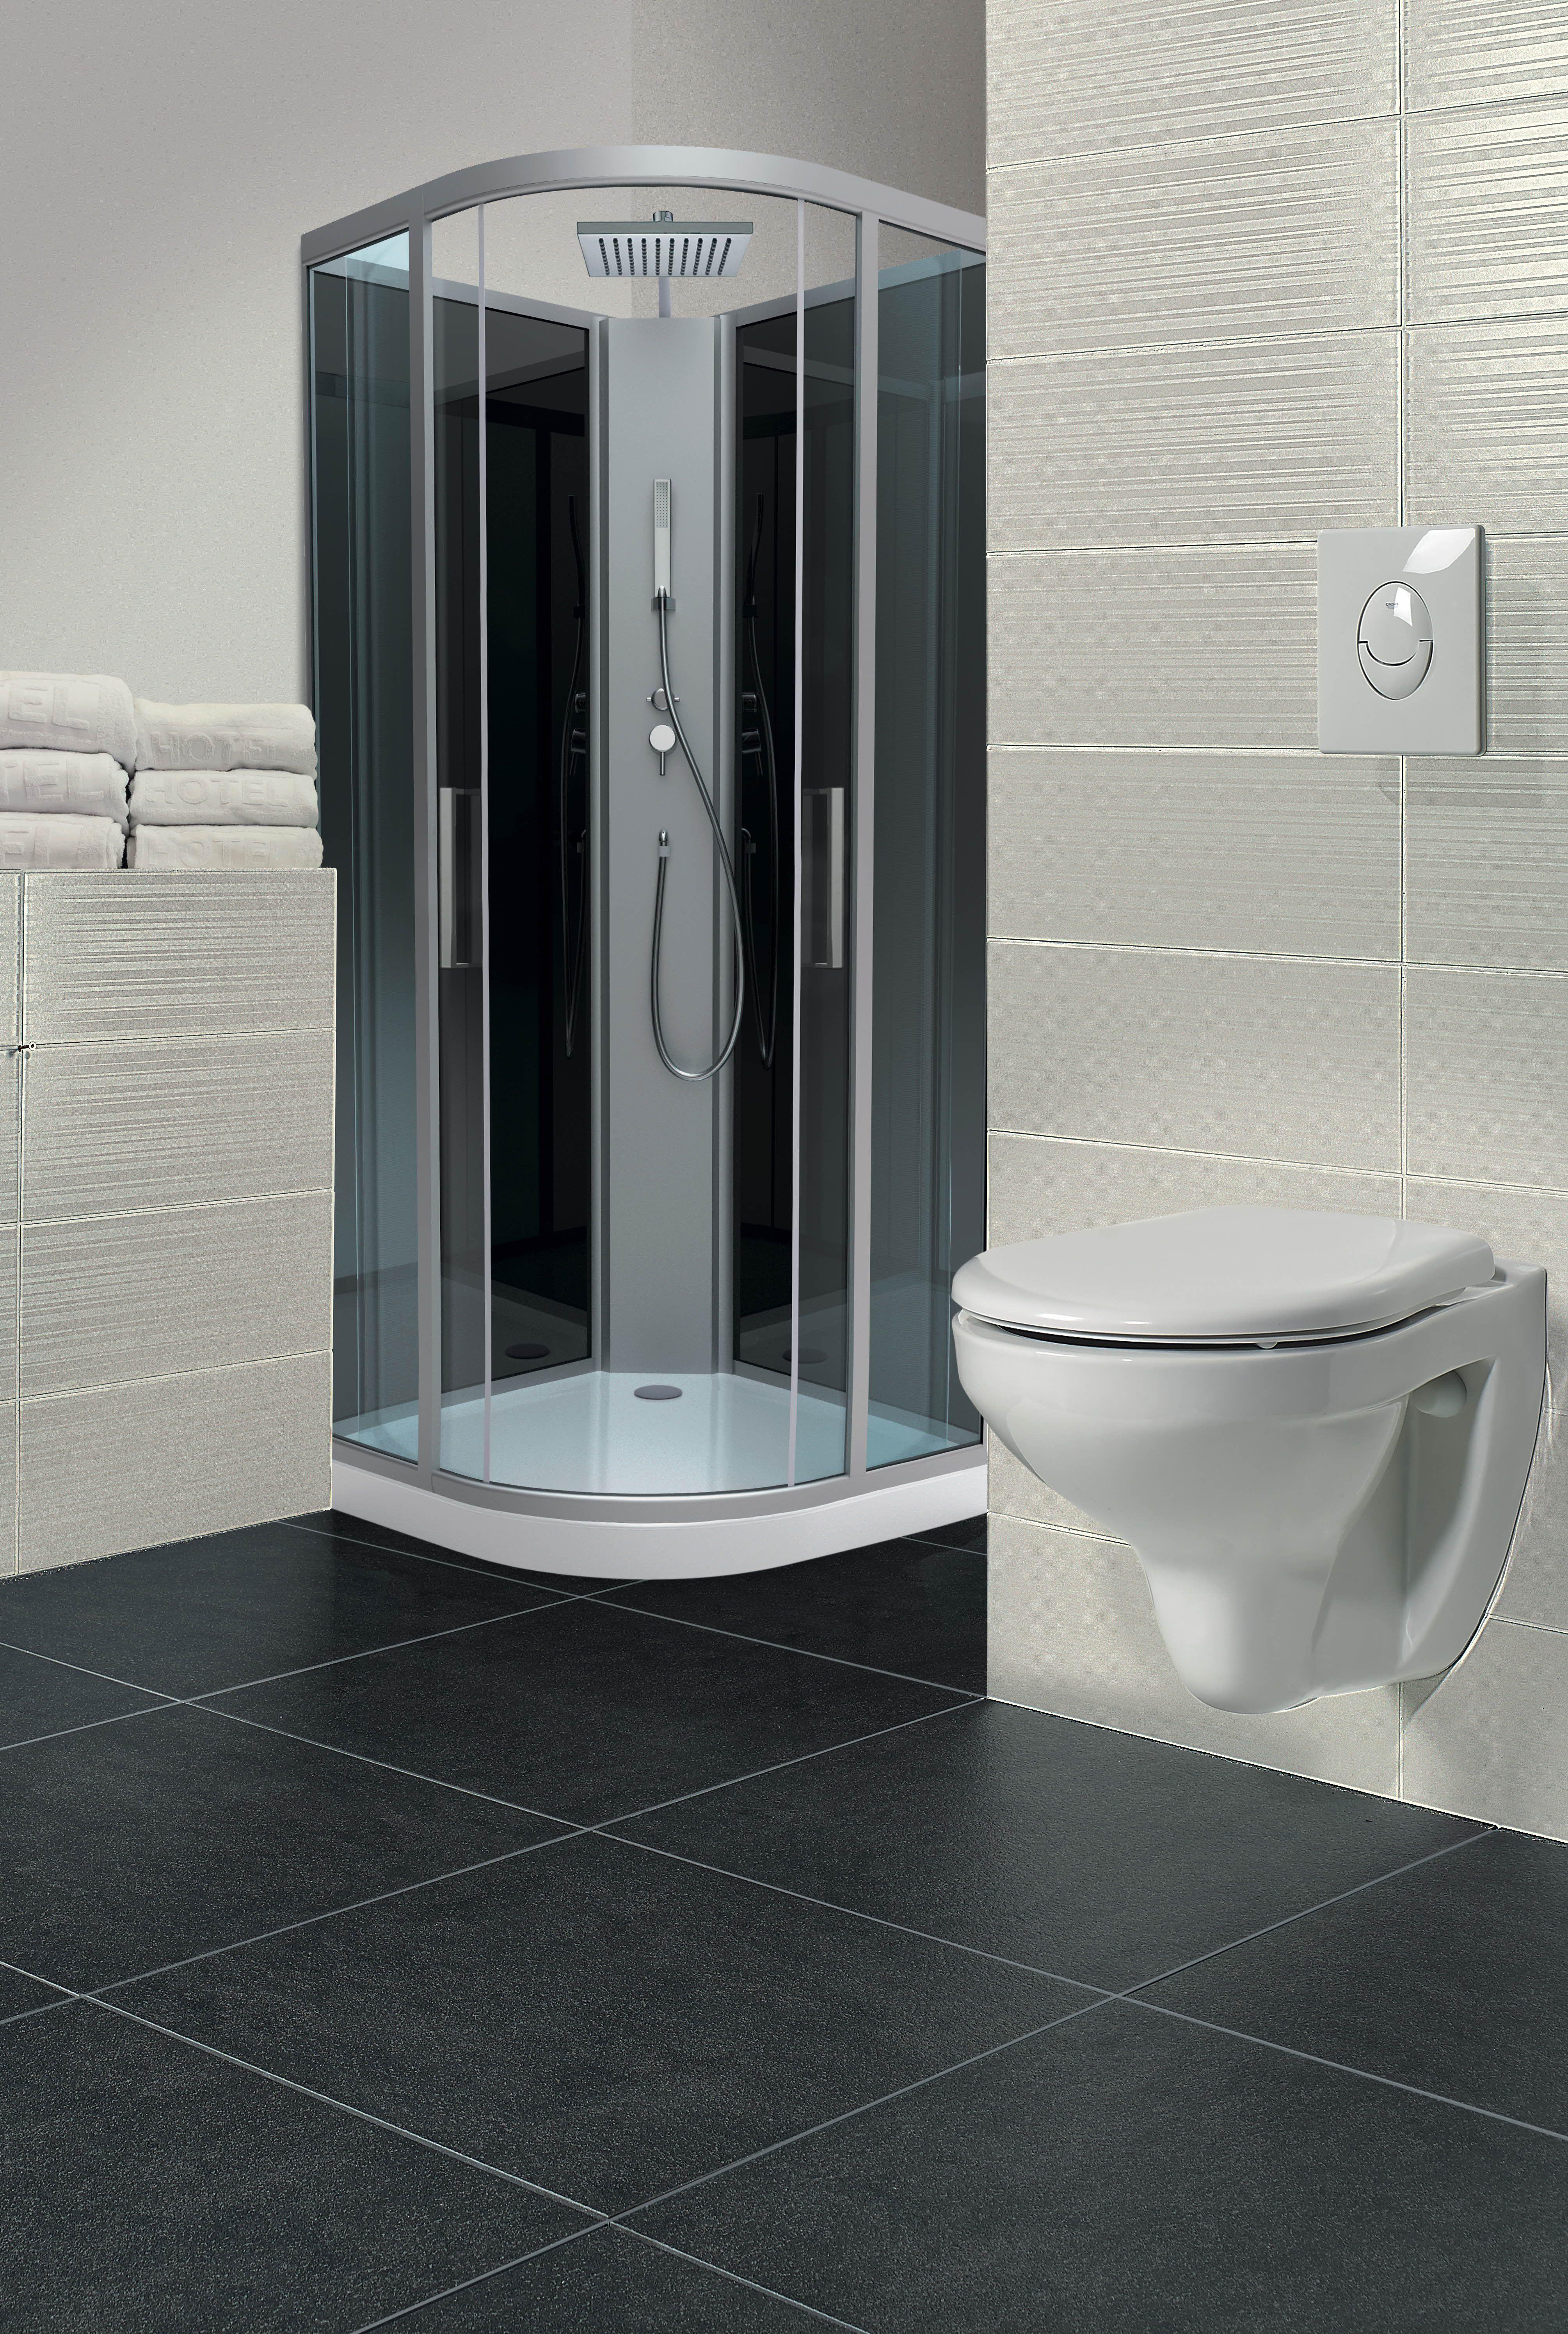 praxis badkamer badkamer inspiratie praxis pinterest